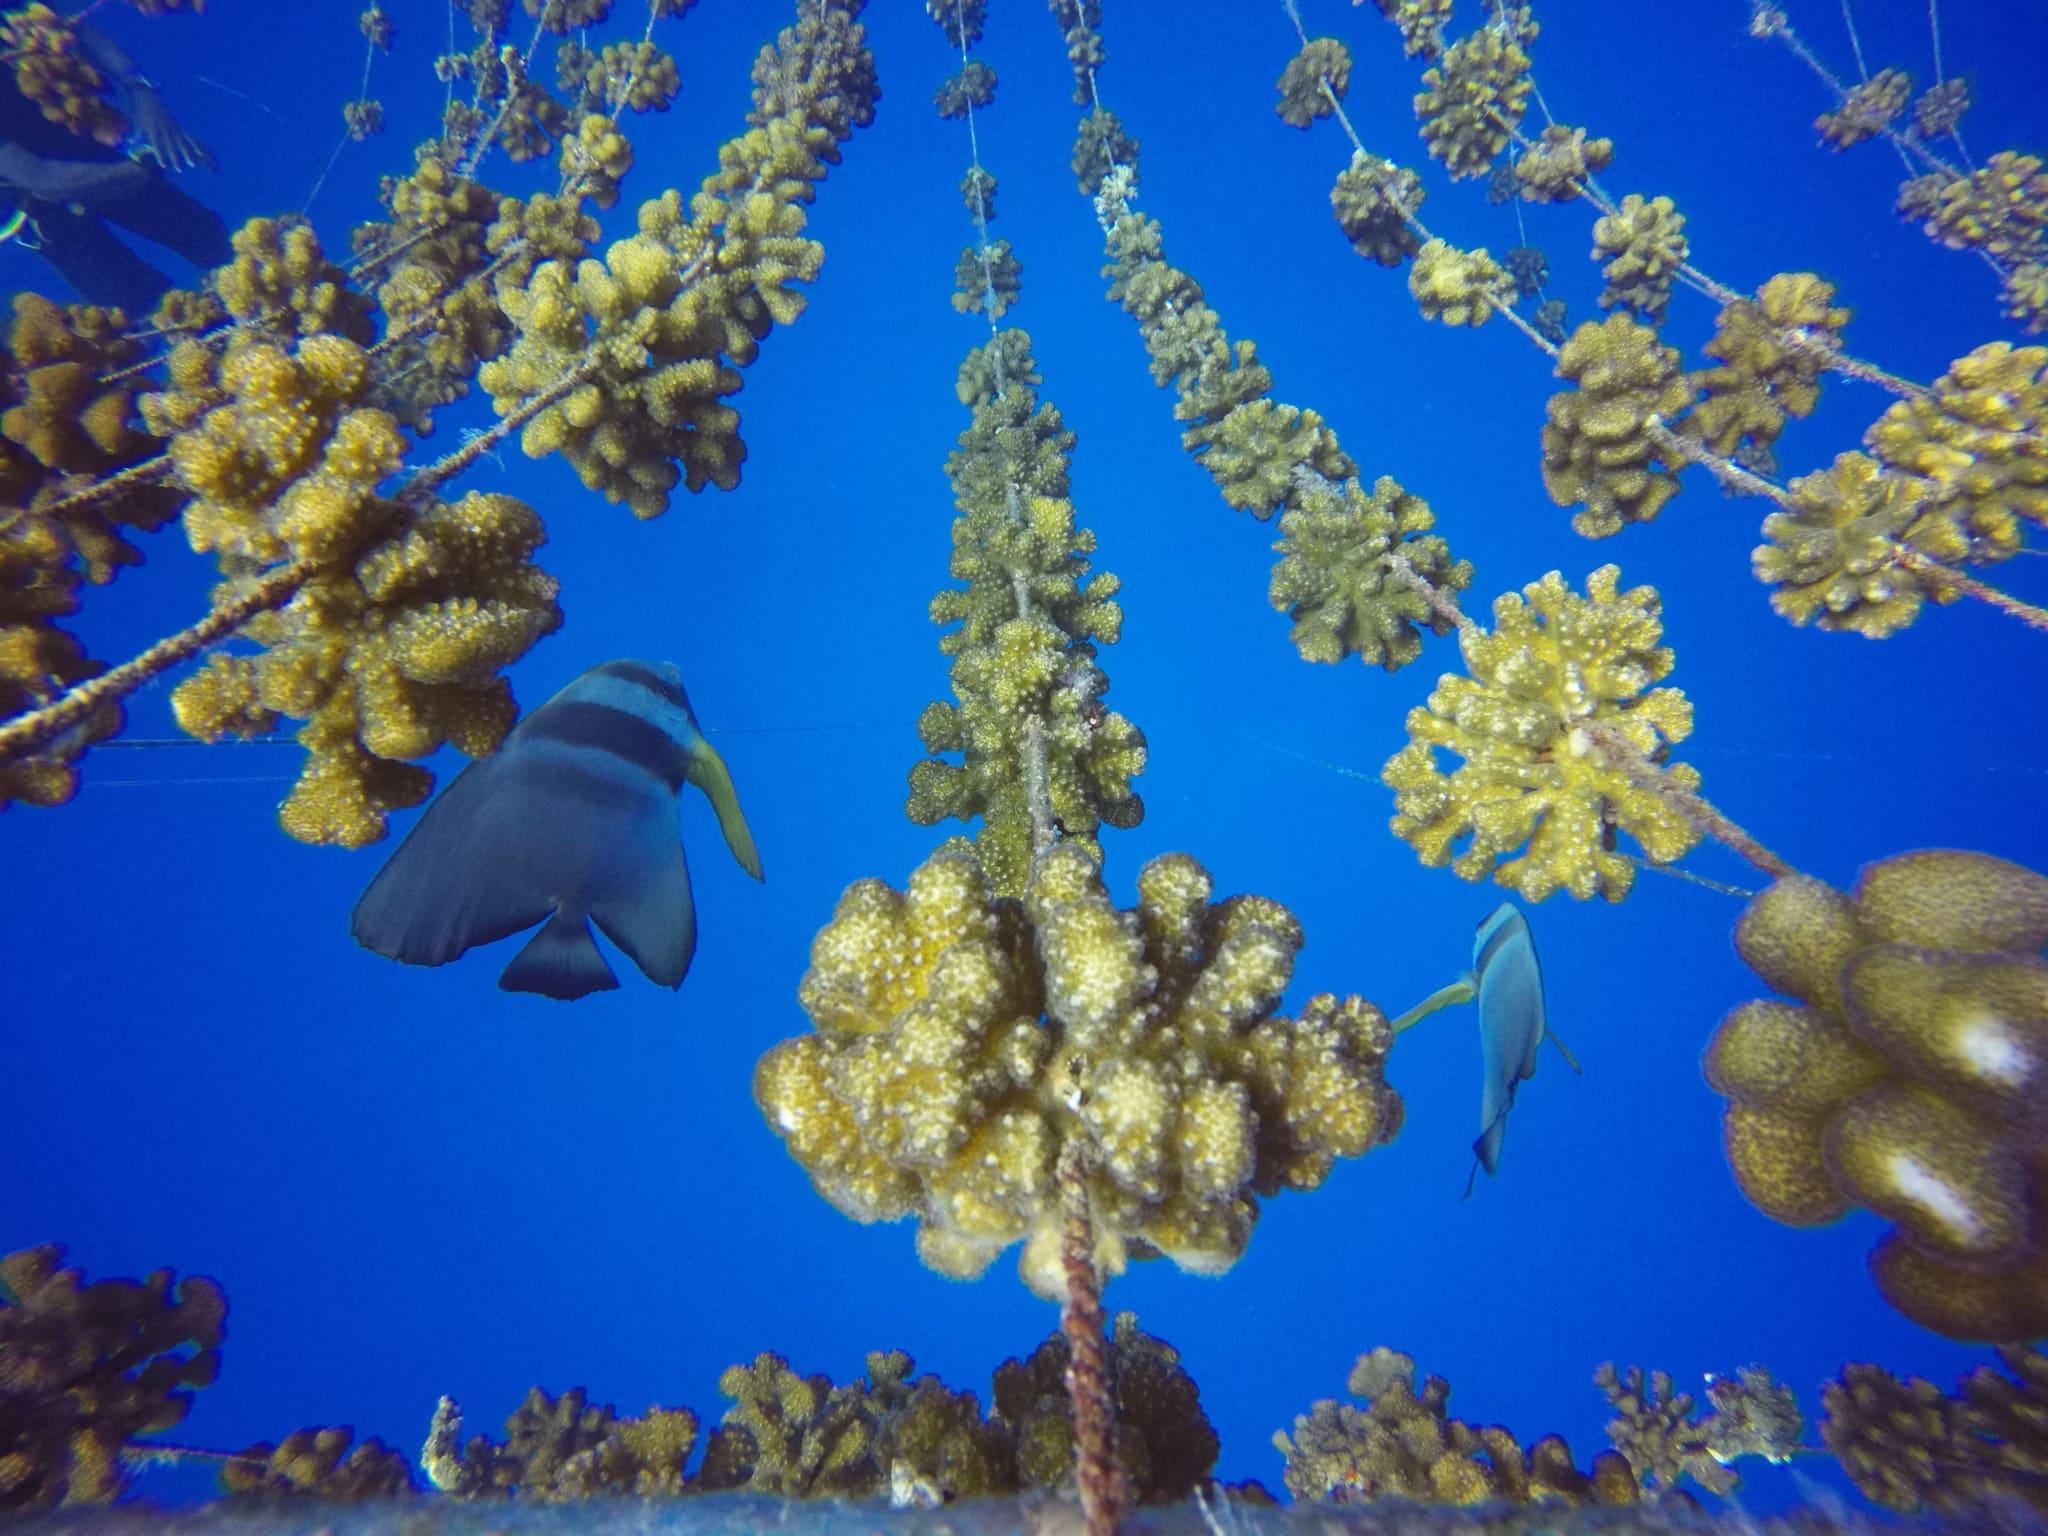 Висадка корала в честь вашої дитини - ви зможете стежити, як зростає ваш корал у міру зростання вашого малюка.